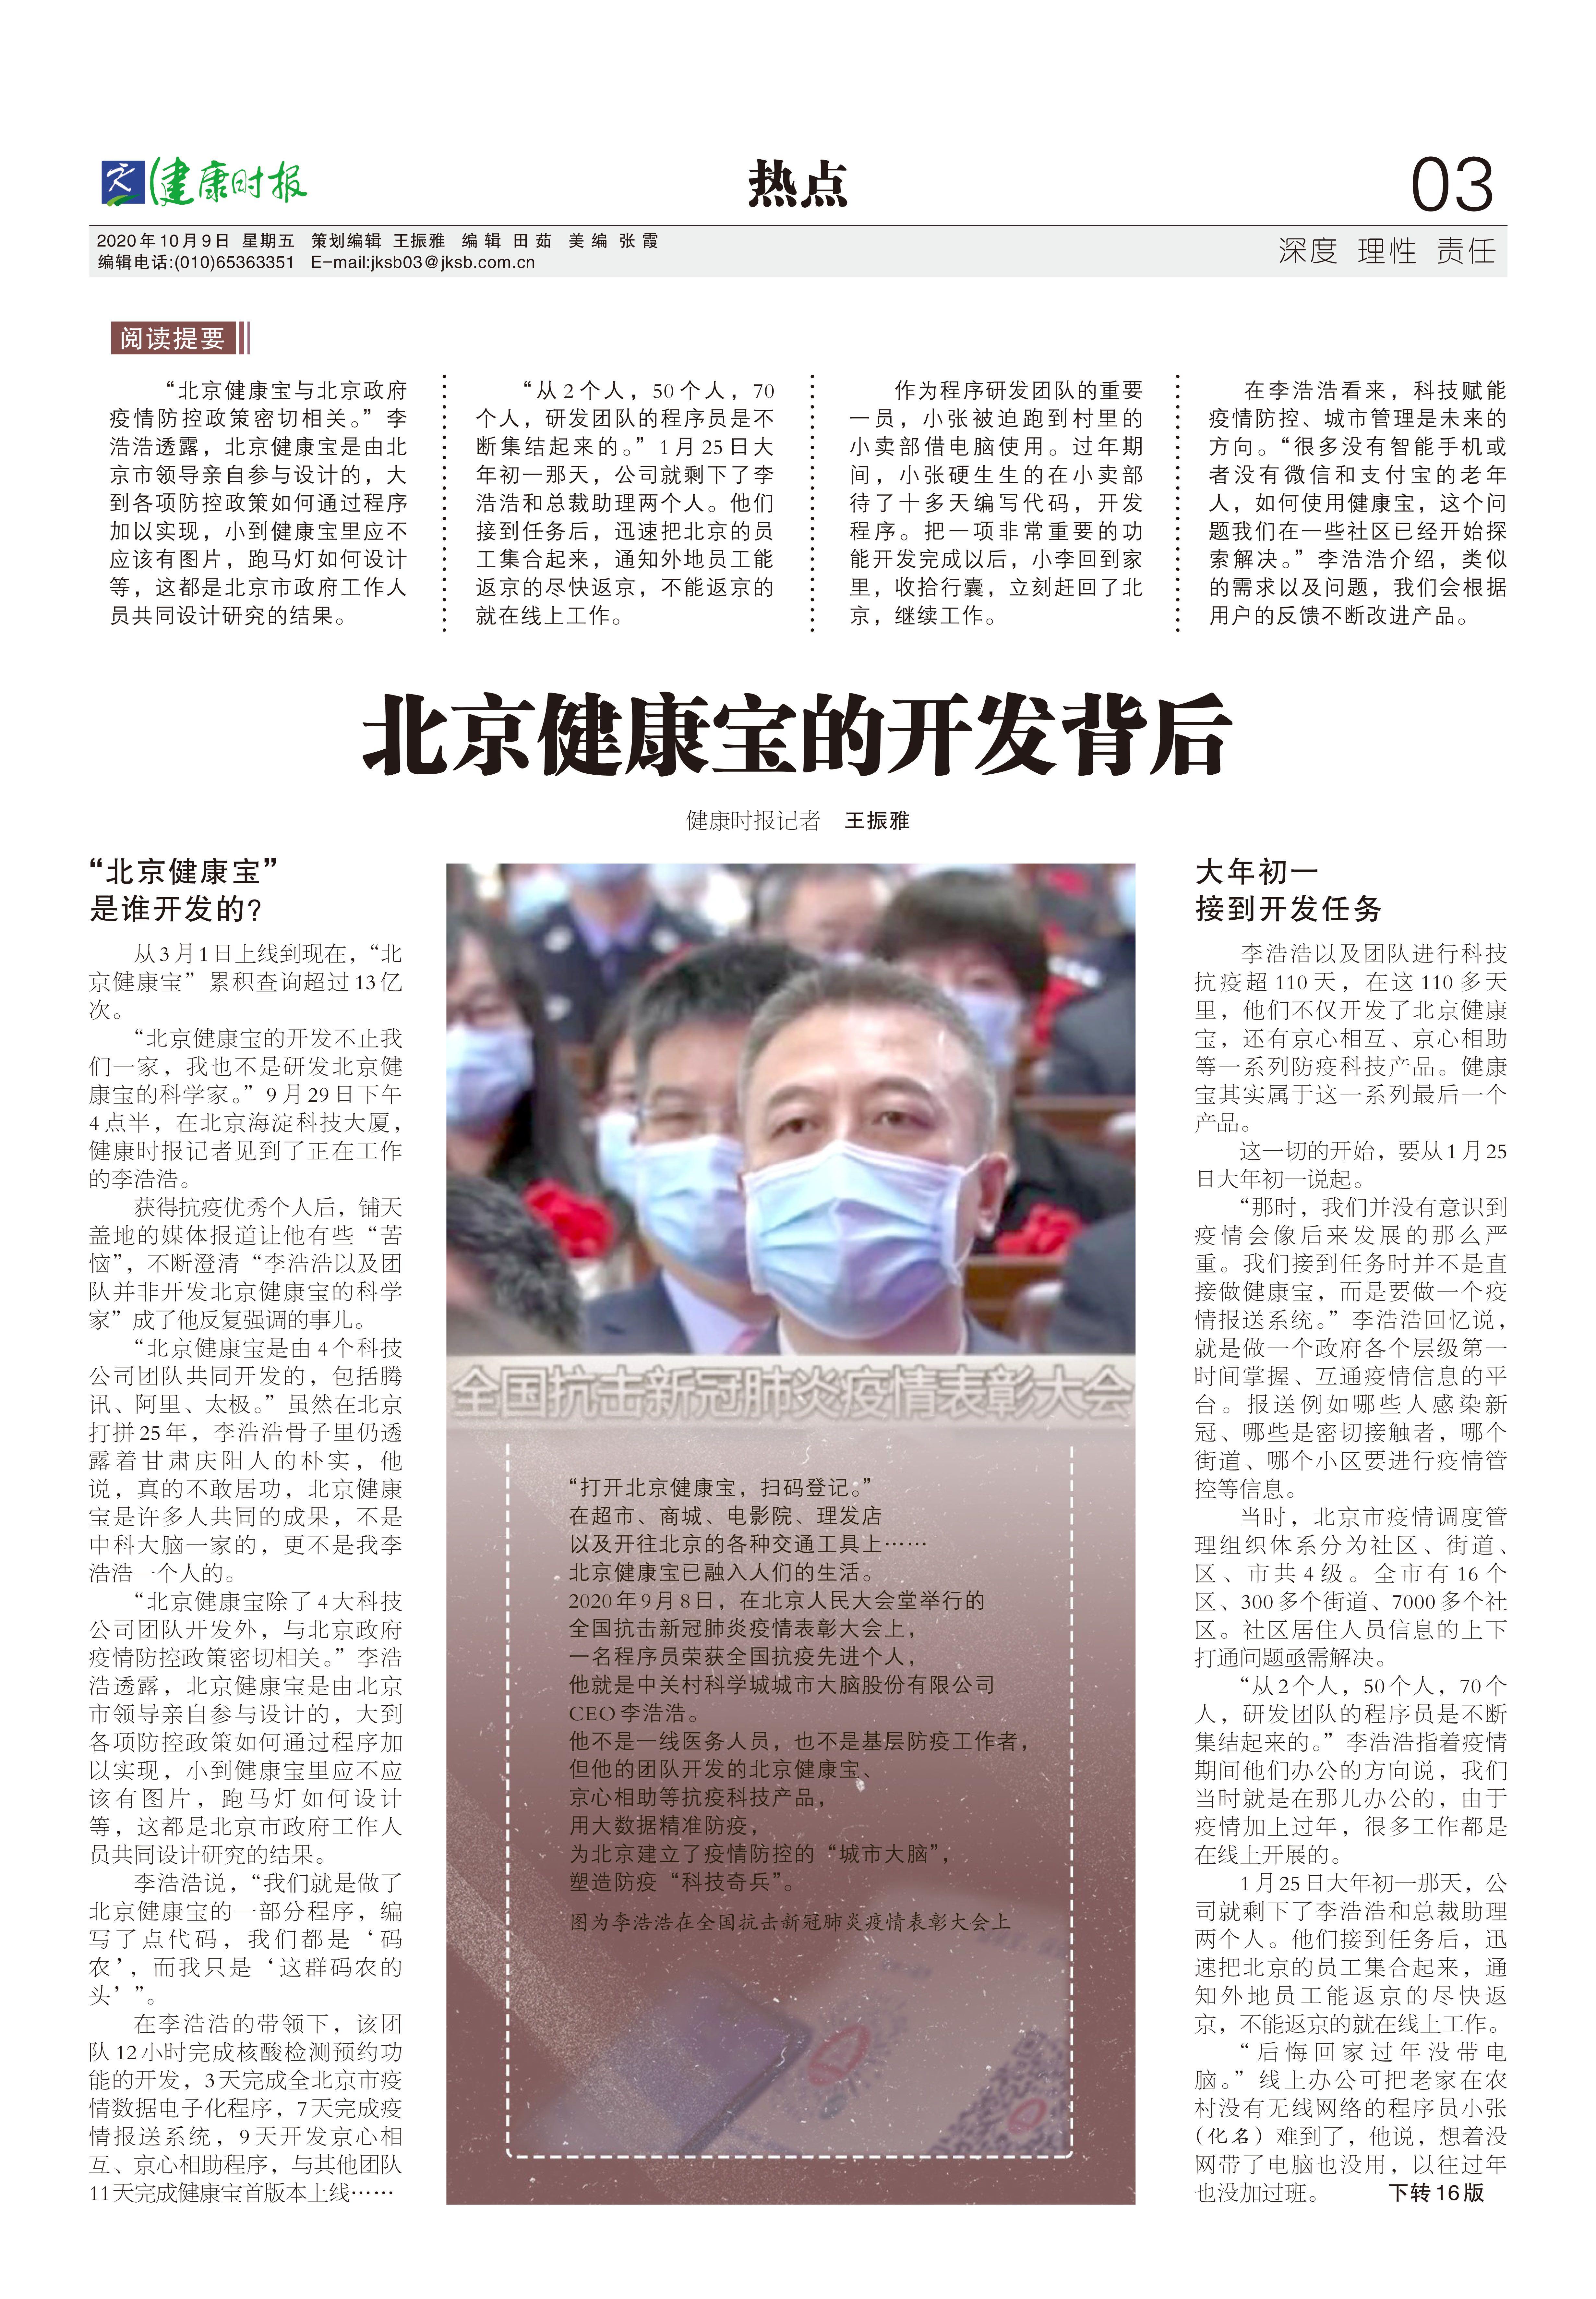 北京健康宝的开发背后